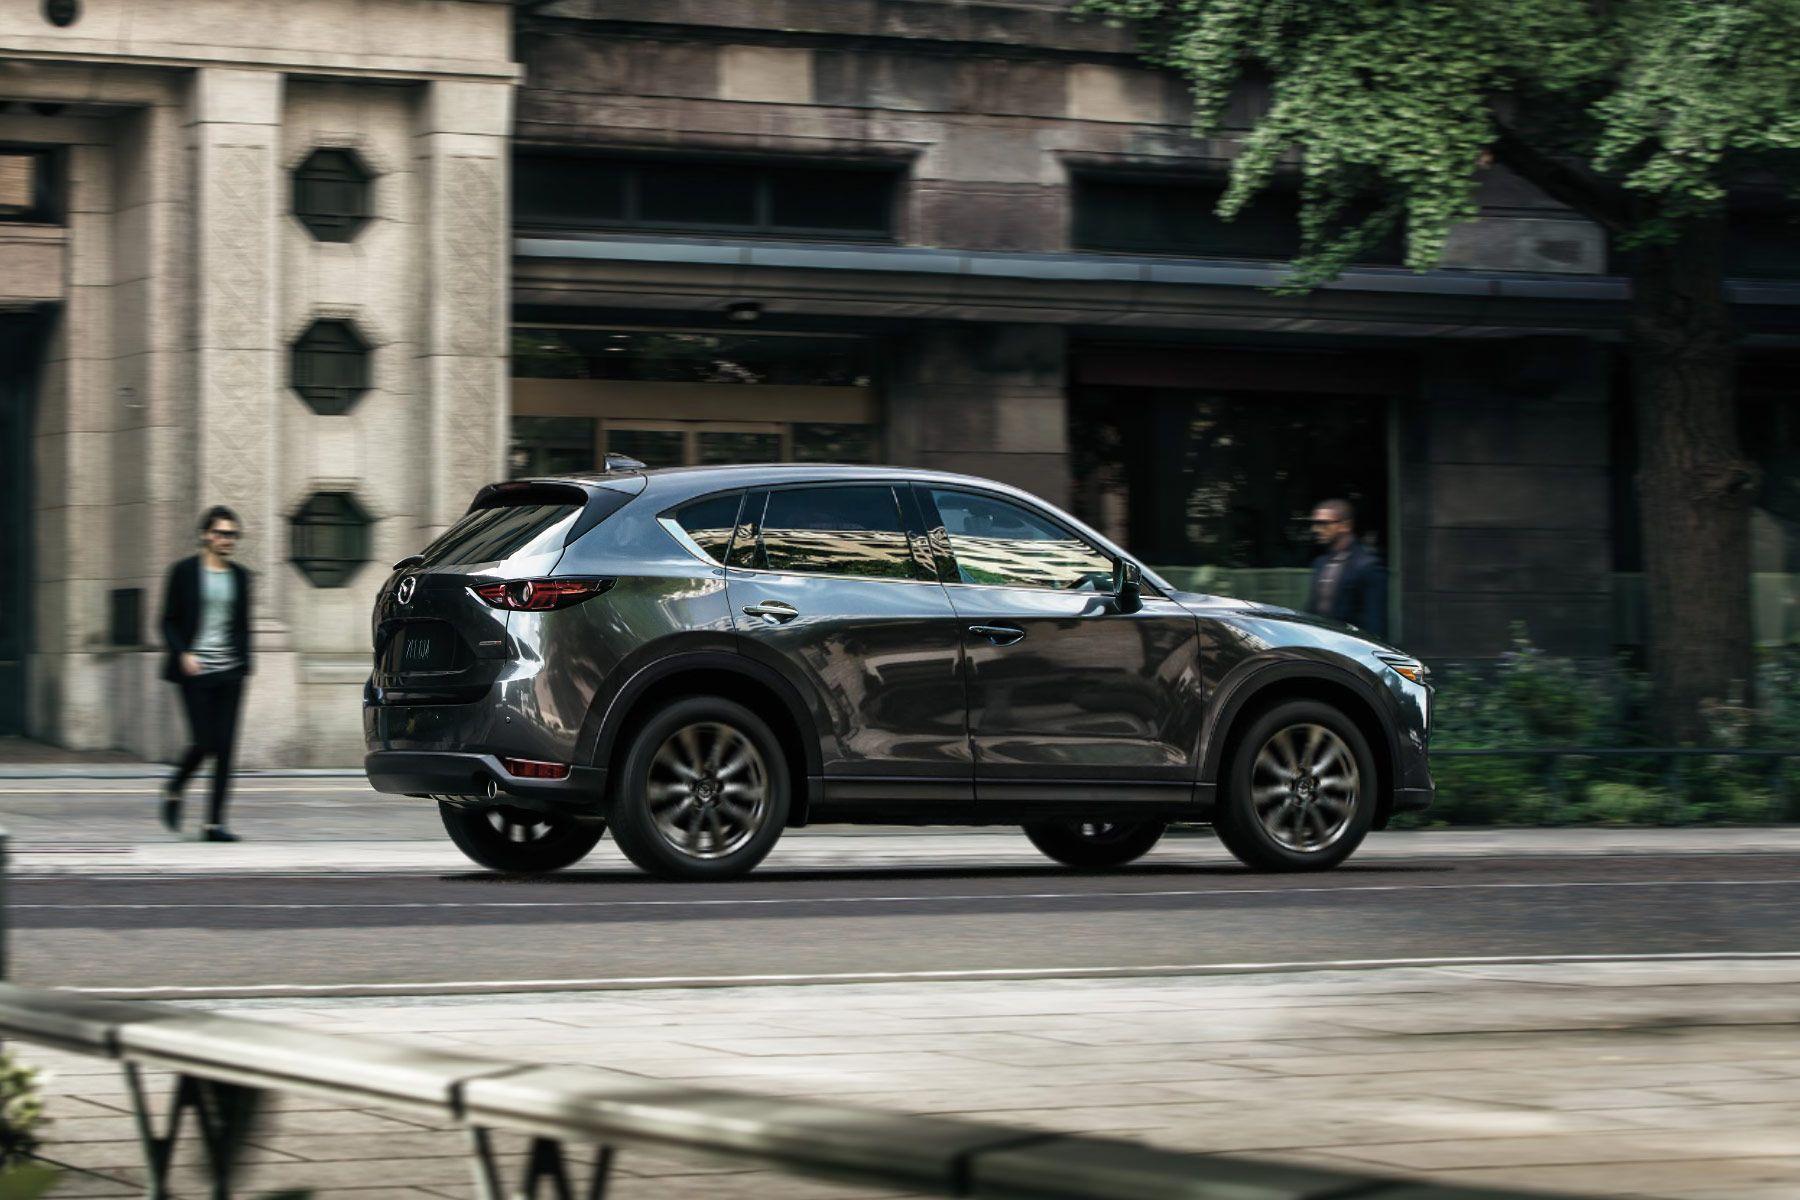 The All New 2019 Mazda Cx 5 Signature Skyactiv D Combines Premium Features With A Diesel Engine Mazda Mazda Cx5 Mazda Miata